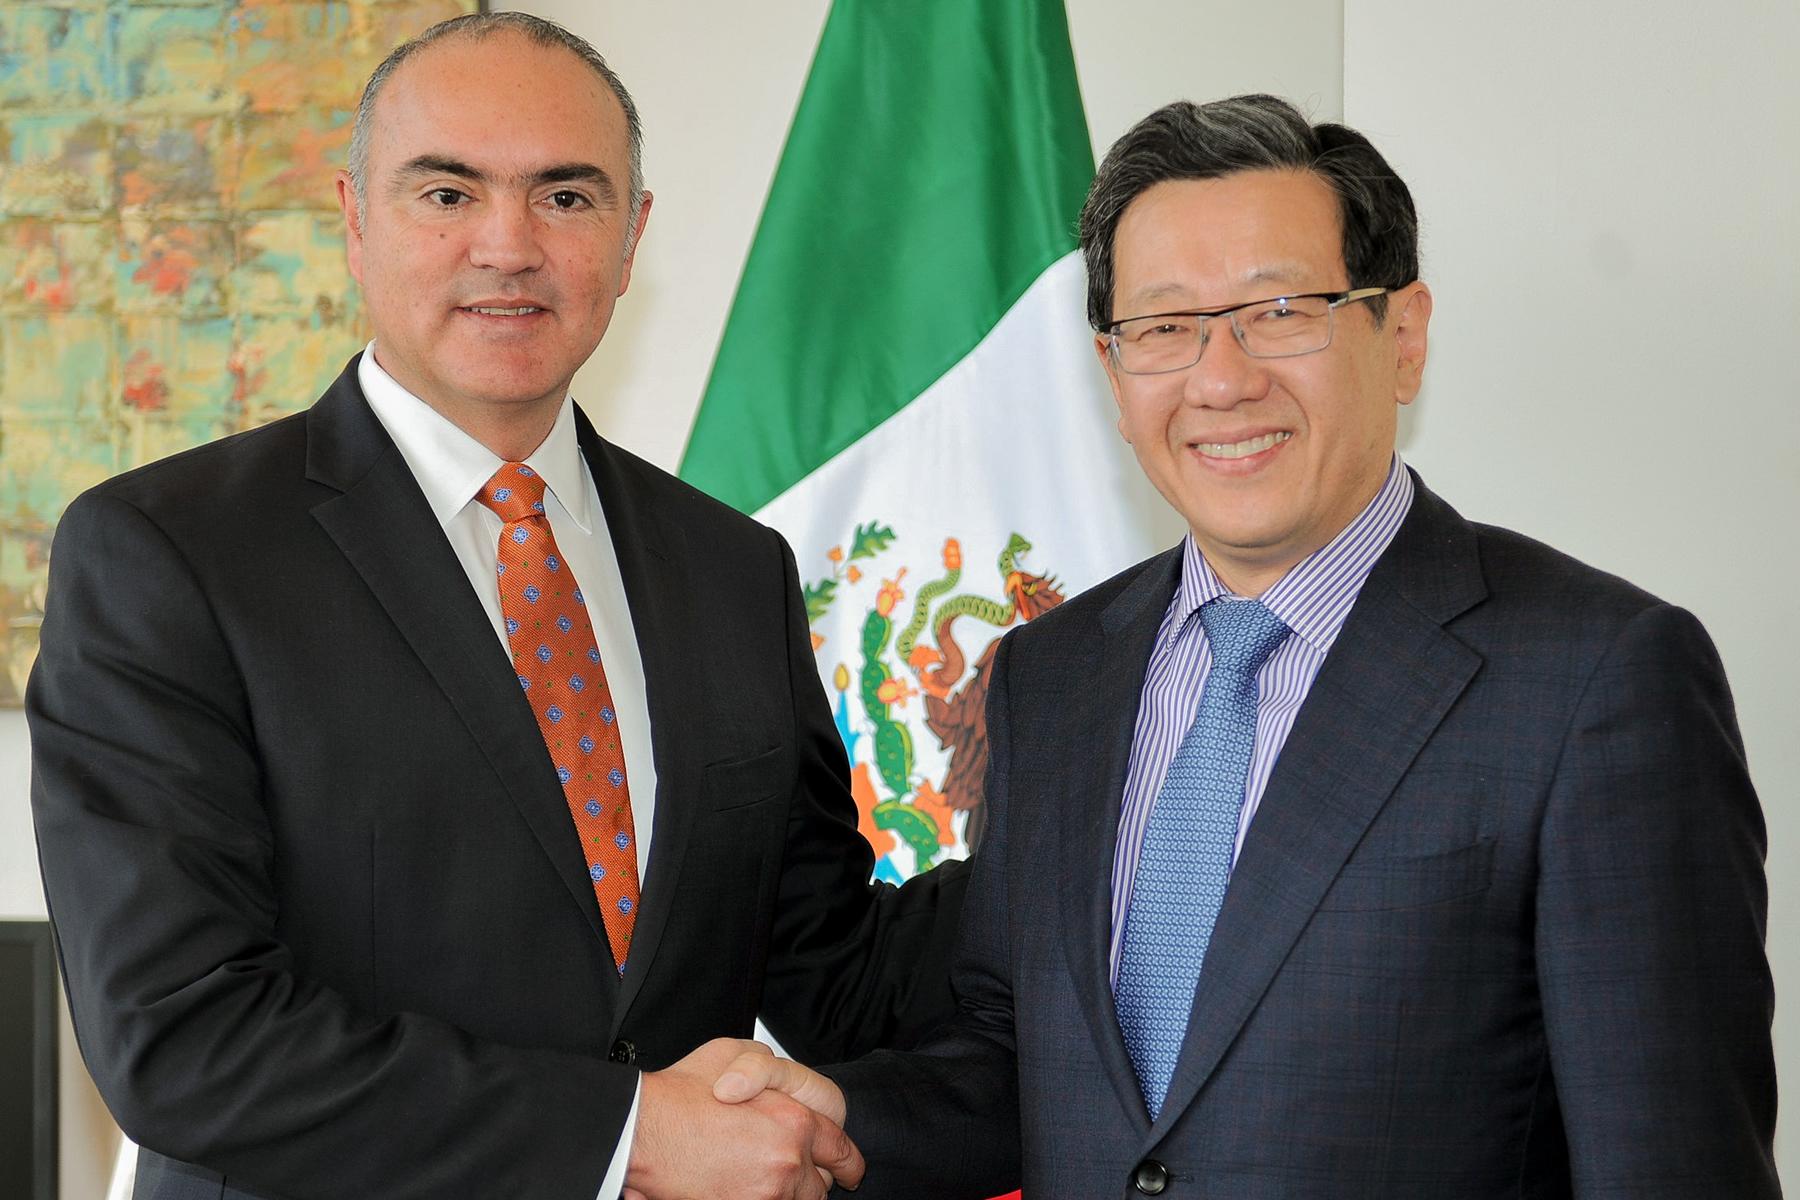 México cuenta con una balanza comercial superavitaria en 73 millones de dólares y exportaciones por 83 millones de dólares.